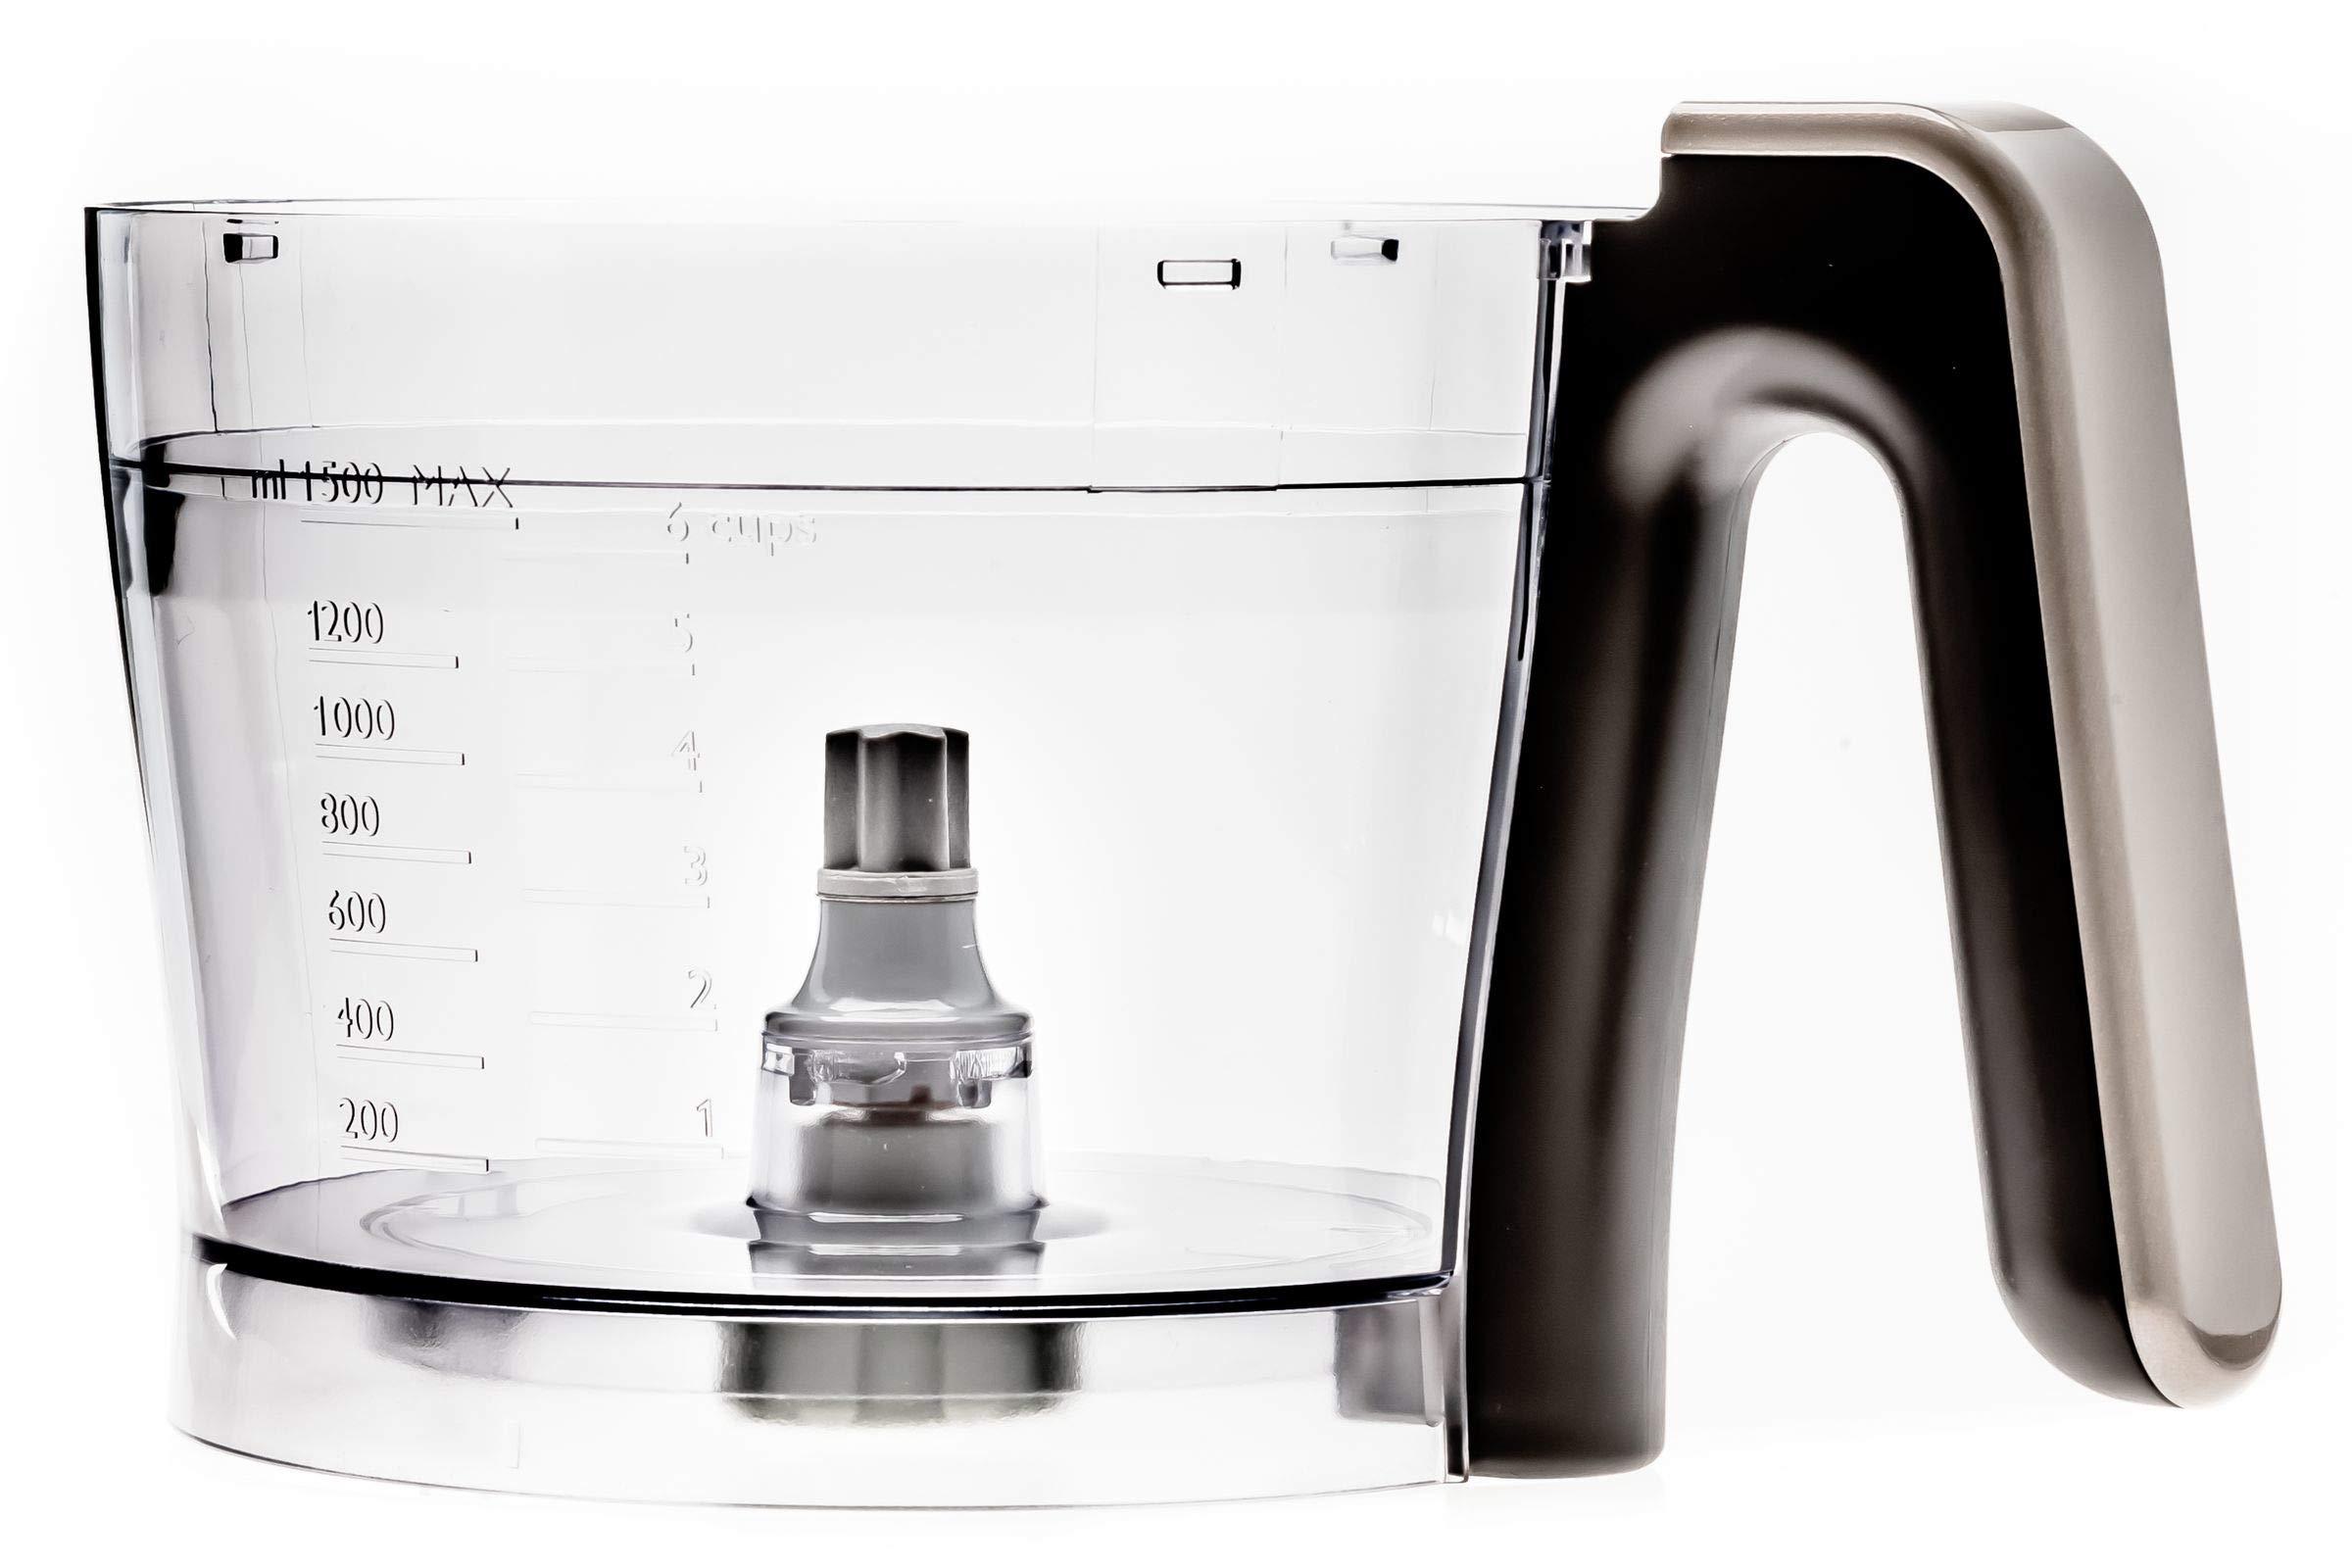 Philips Recipiente para robot de cocina CP9090/01 - Accesorio procesador de alimentos (Cuenco, Negro, Transparente, HR7761, HR7762, 1 pieza(s)): Amazon.es: Hogar